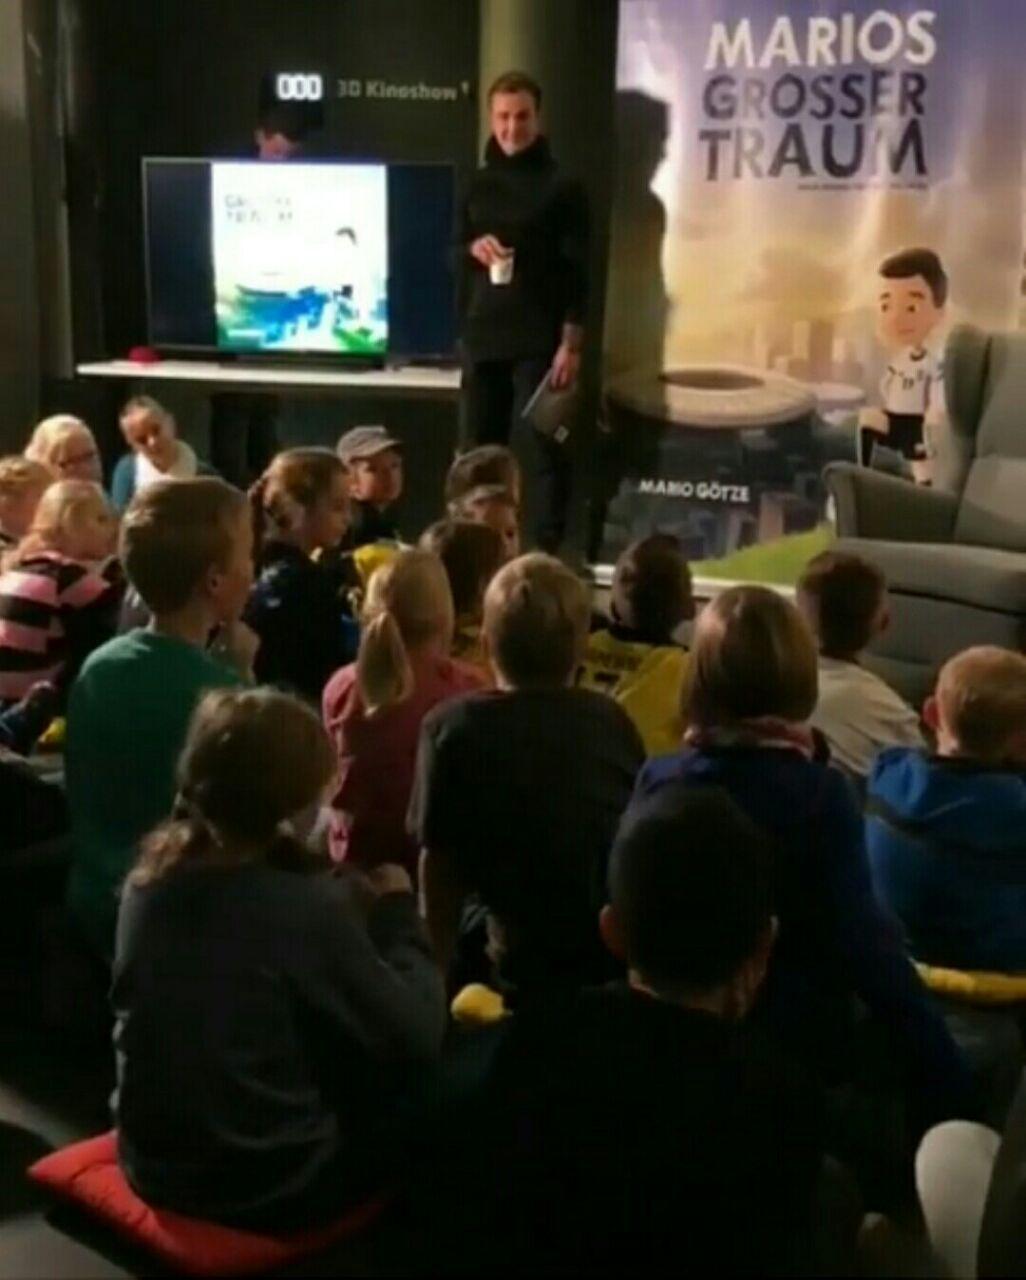 عکس ؛ ستاره تیم ملی آلمان از کتابش برای کودکان رونمایی کرد